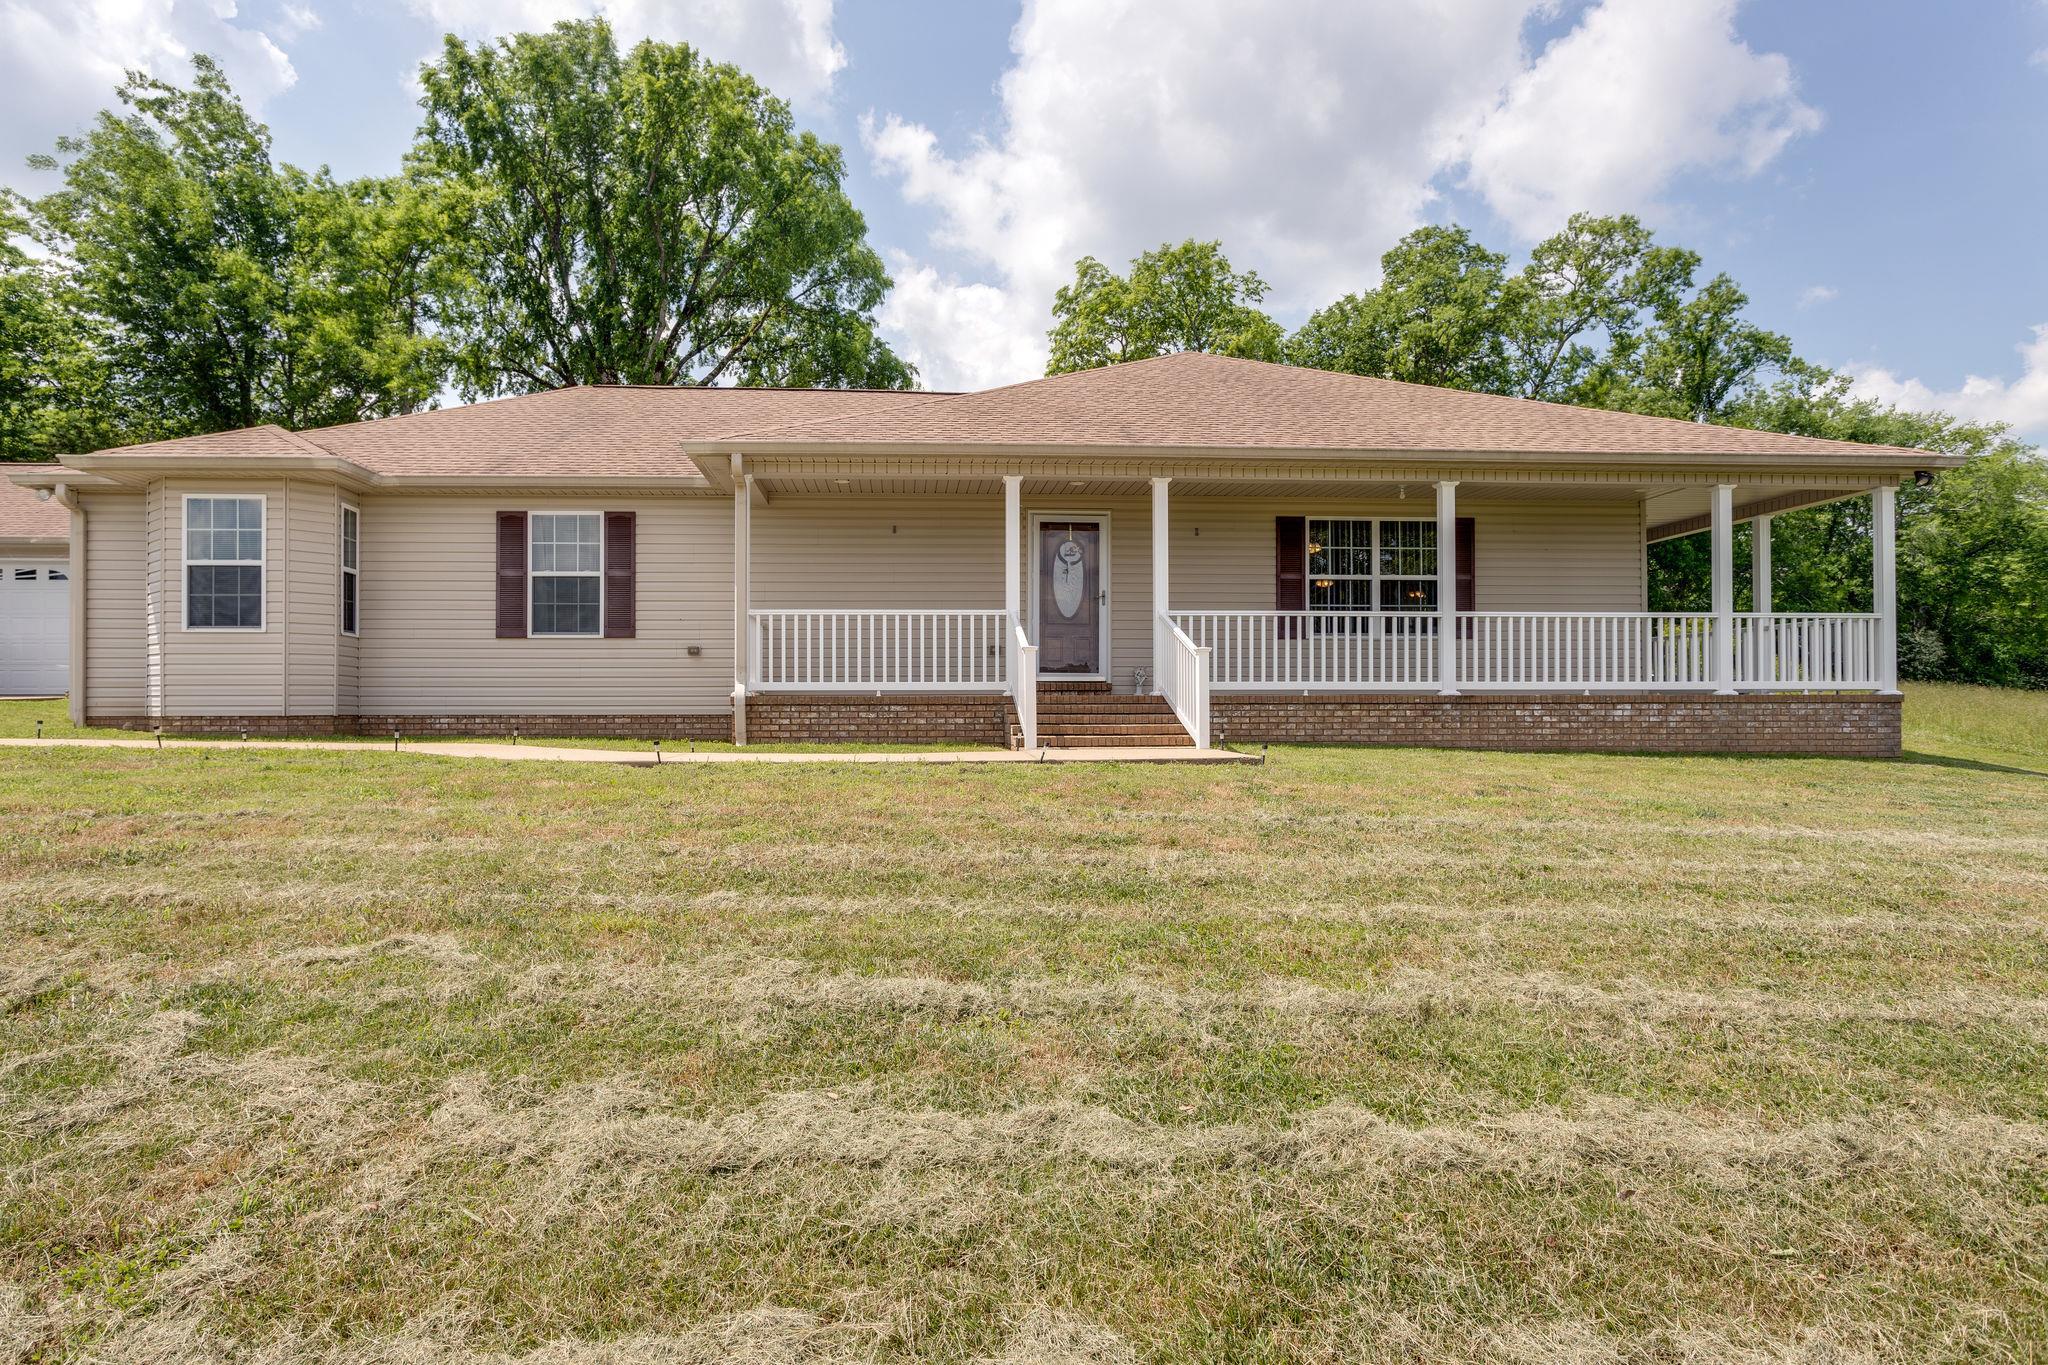 2658 Abernathy Rd, Lynnville, TN 38472 - Lynnville, TN real estate listing